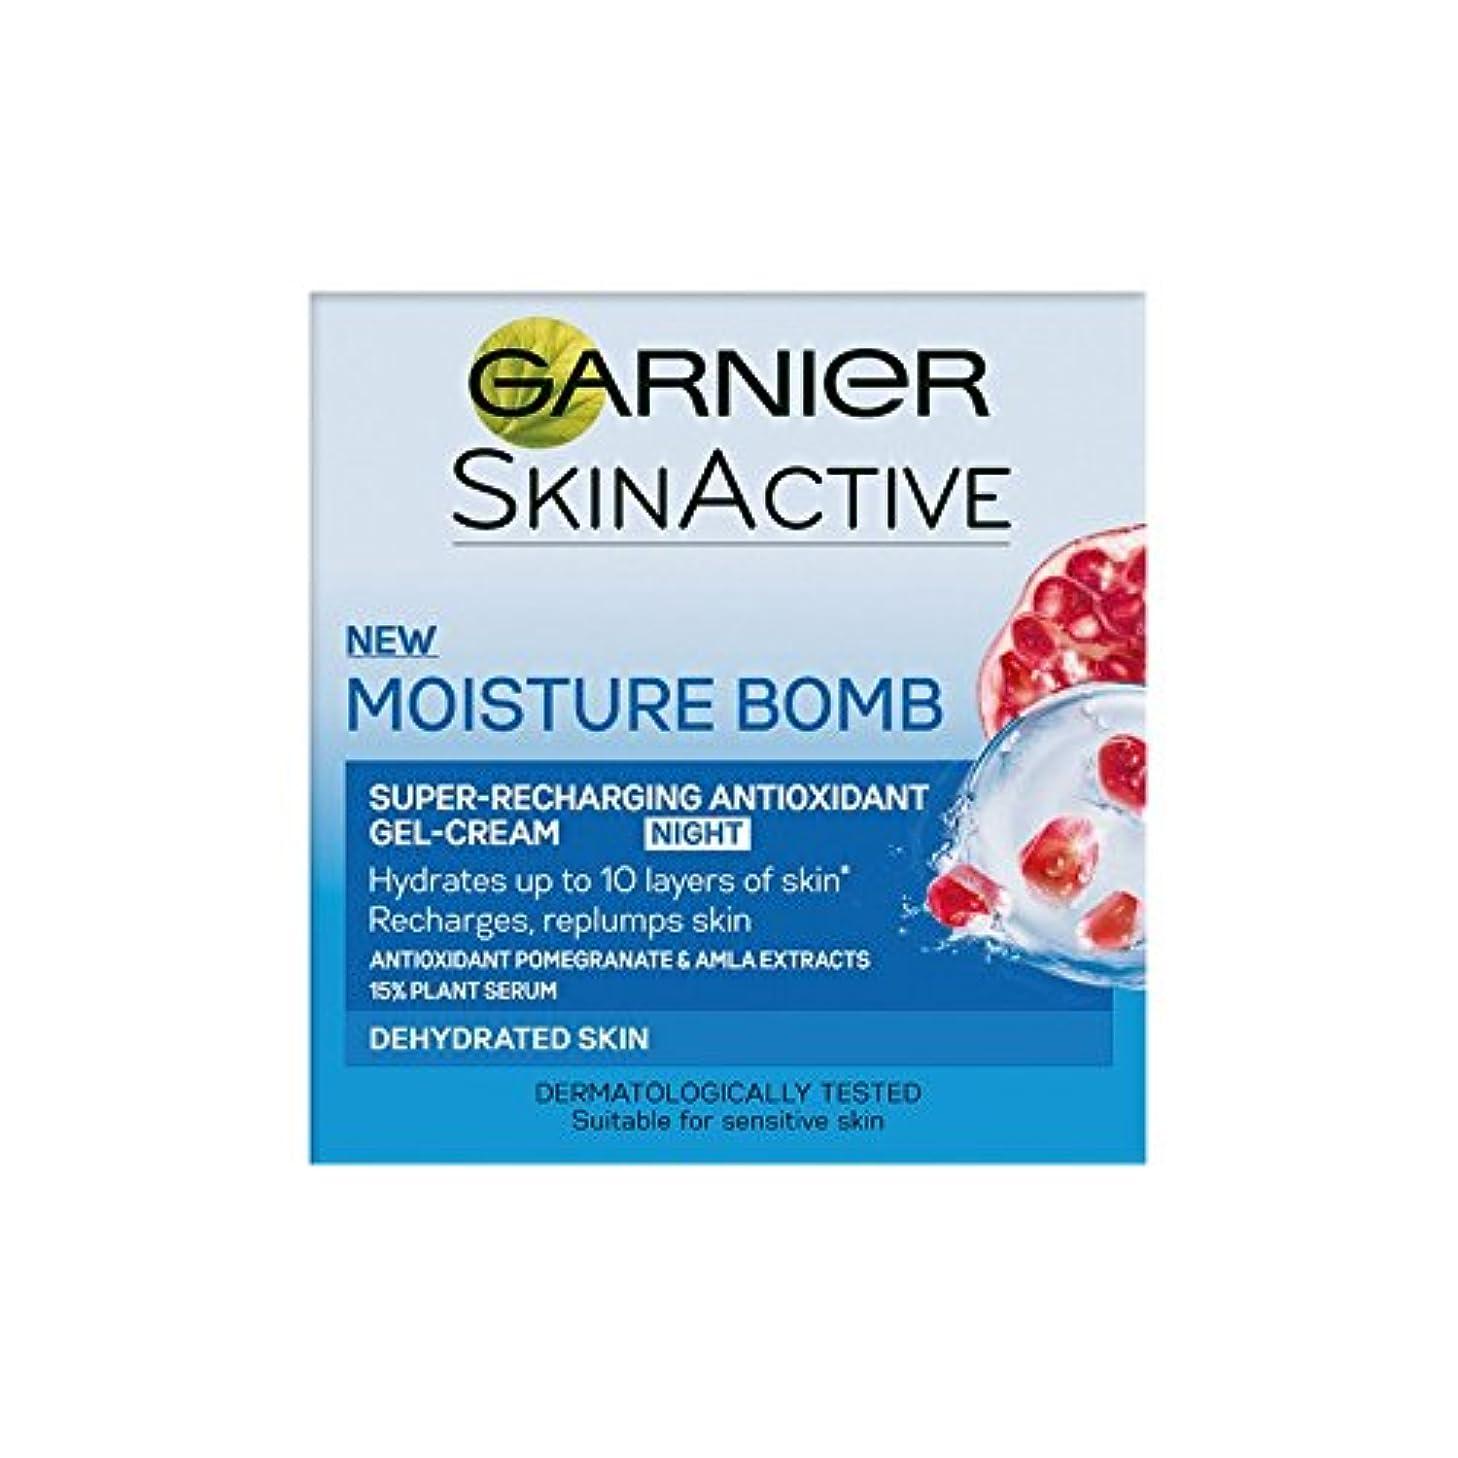 過去再集計後悔ガルニエ水分爆弾超充電夜のゲルクリーム(50ミリリットル) x2 - Garnier Moisture Bomb Super-Recharging Night Gel-Cream (50ml) (Pack of 2) [...